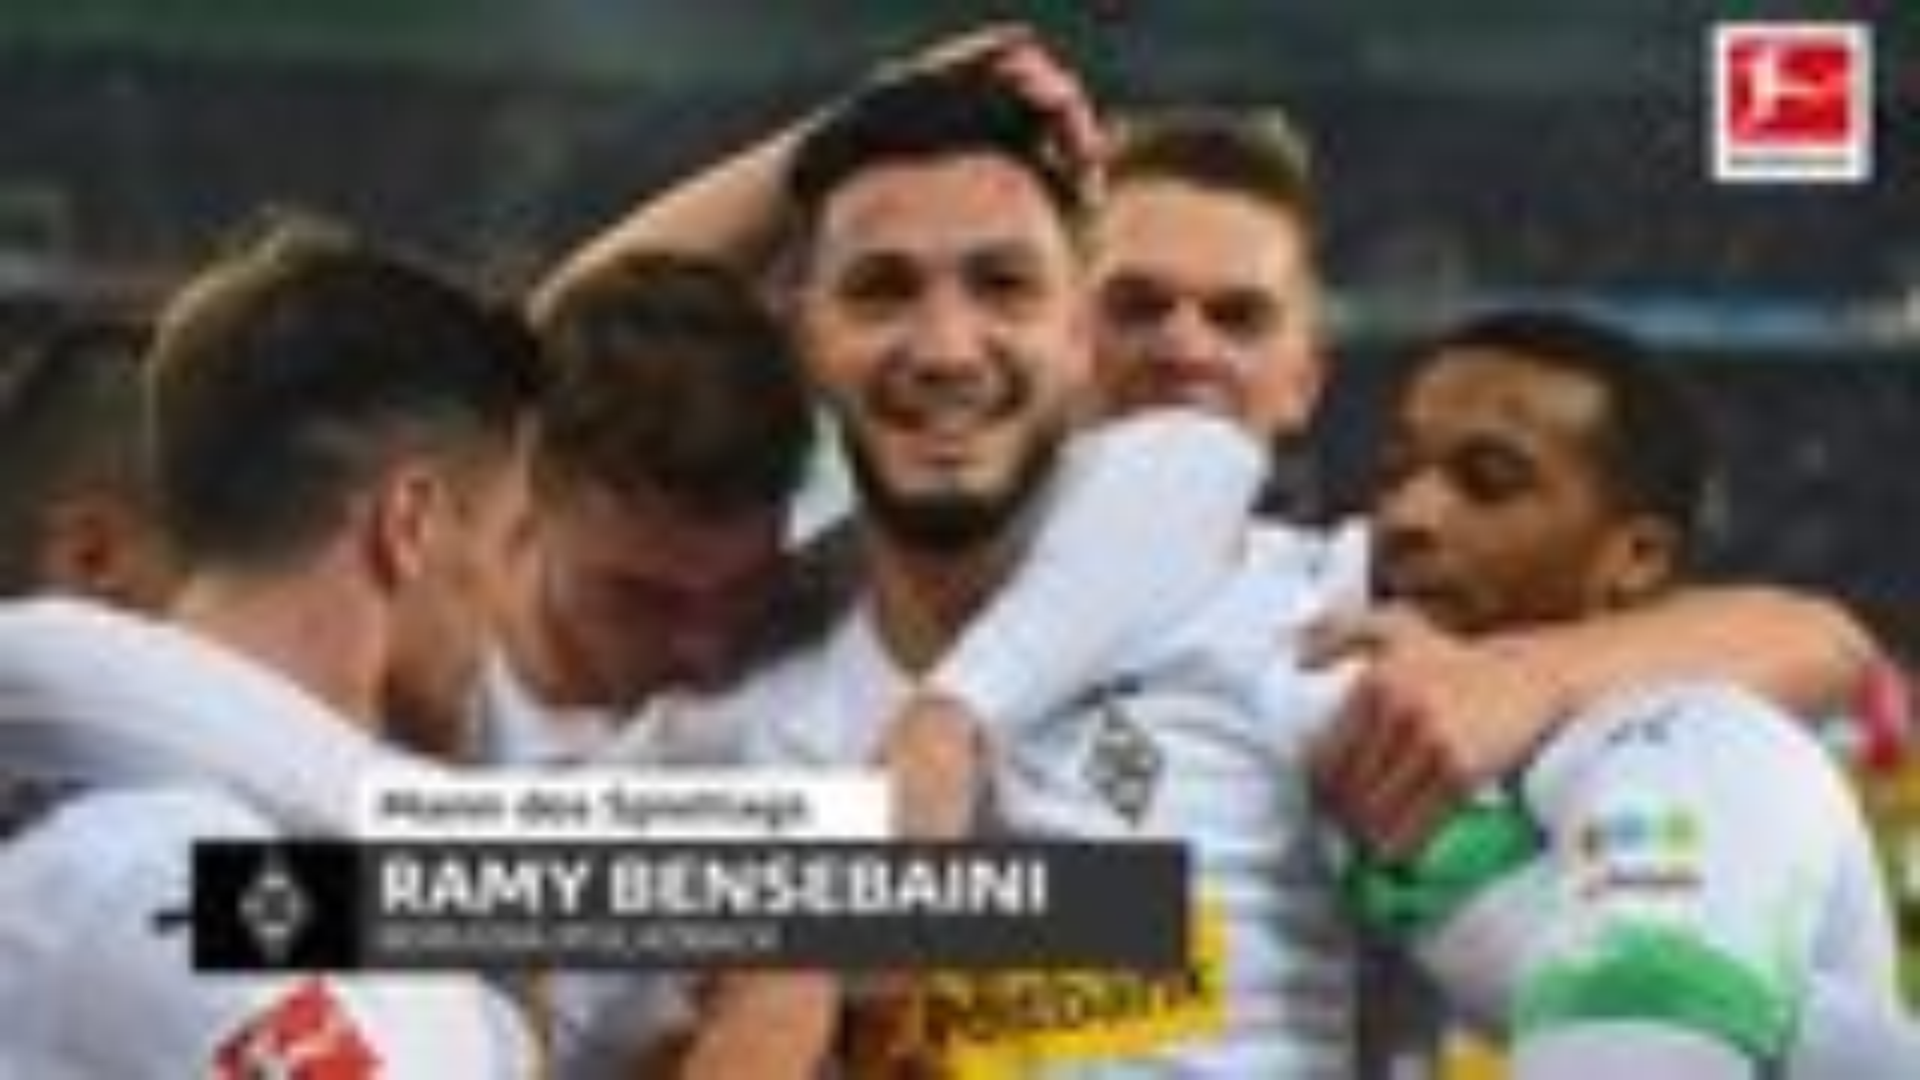 Ramy Bensebaini ist der Mann des 14. Spieltags